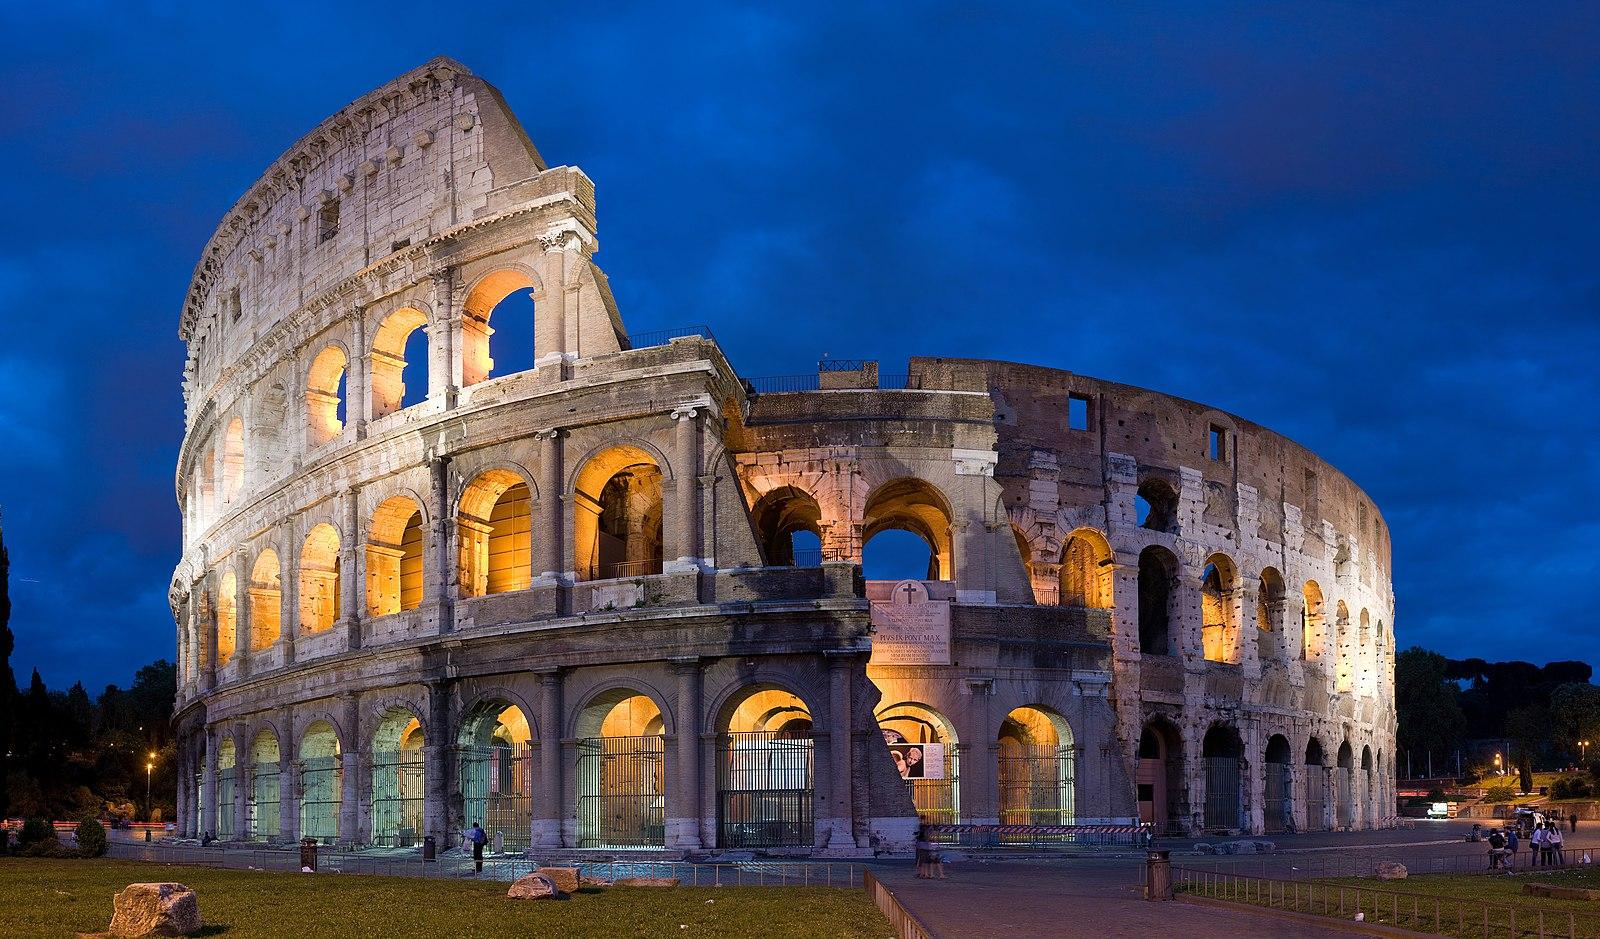 страны архитектура Италия Рим country architecture Italy Rome  № 285858  скачать